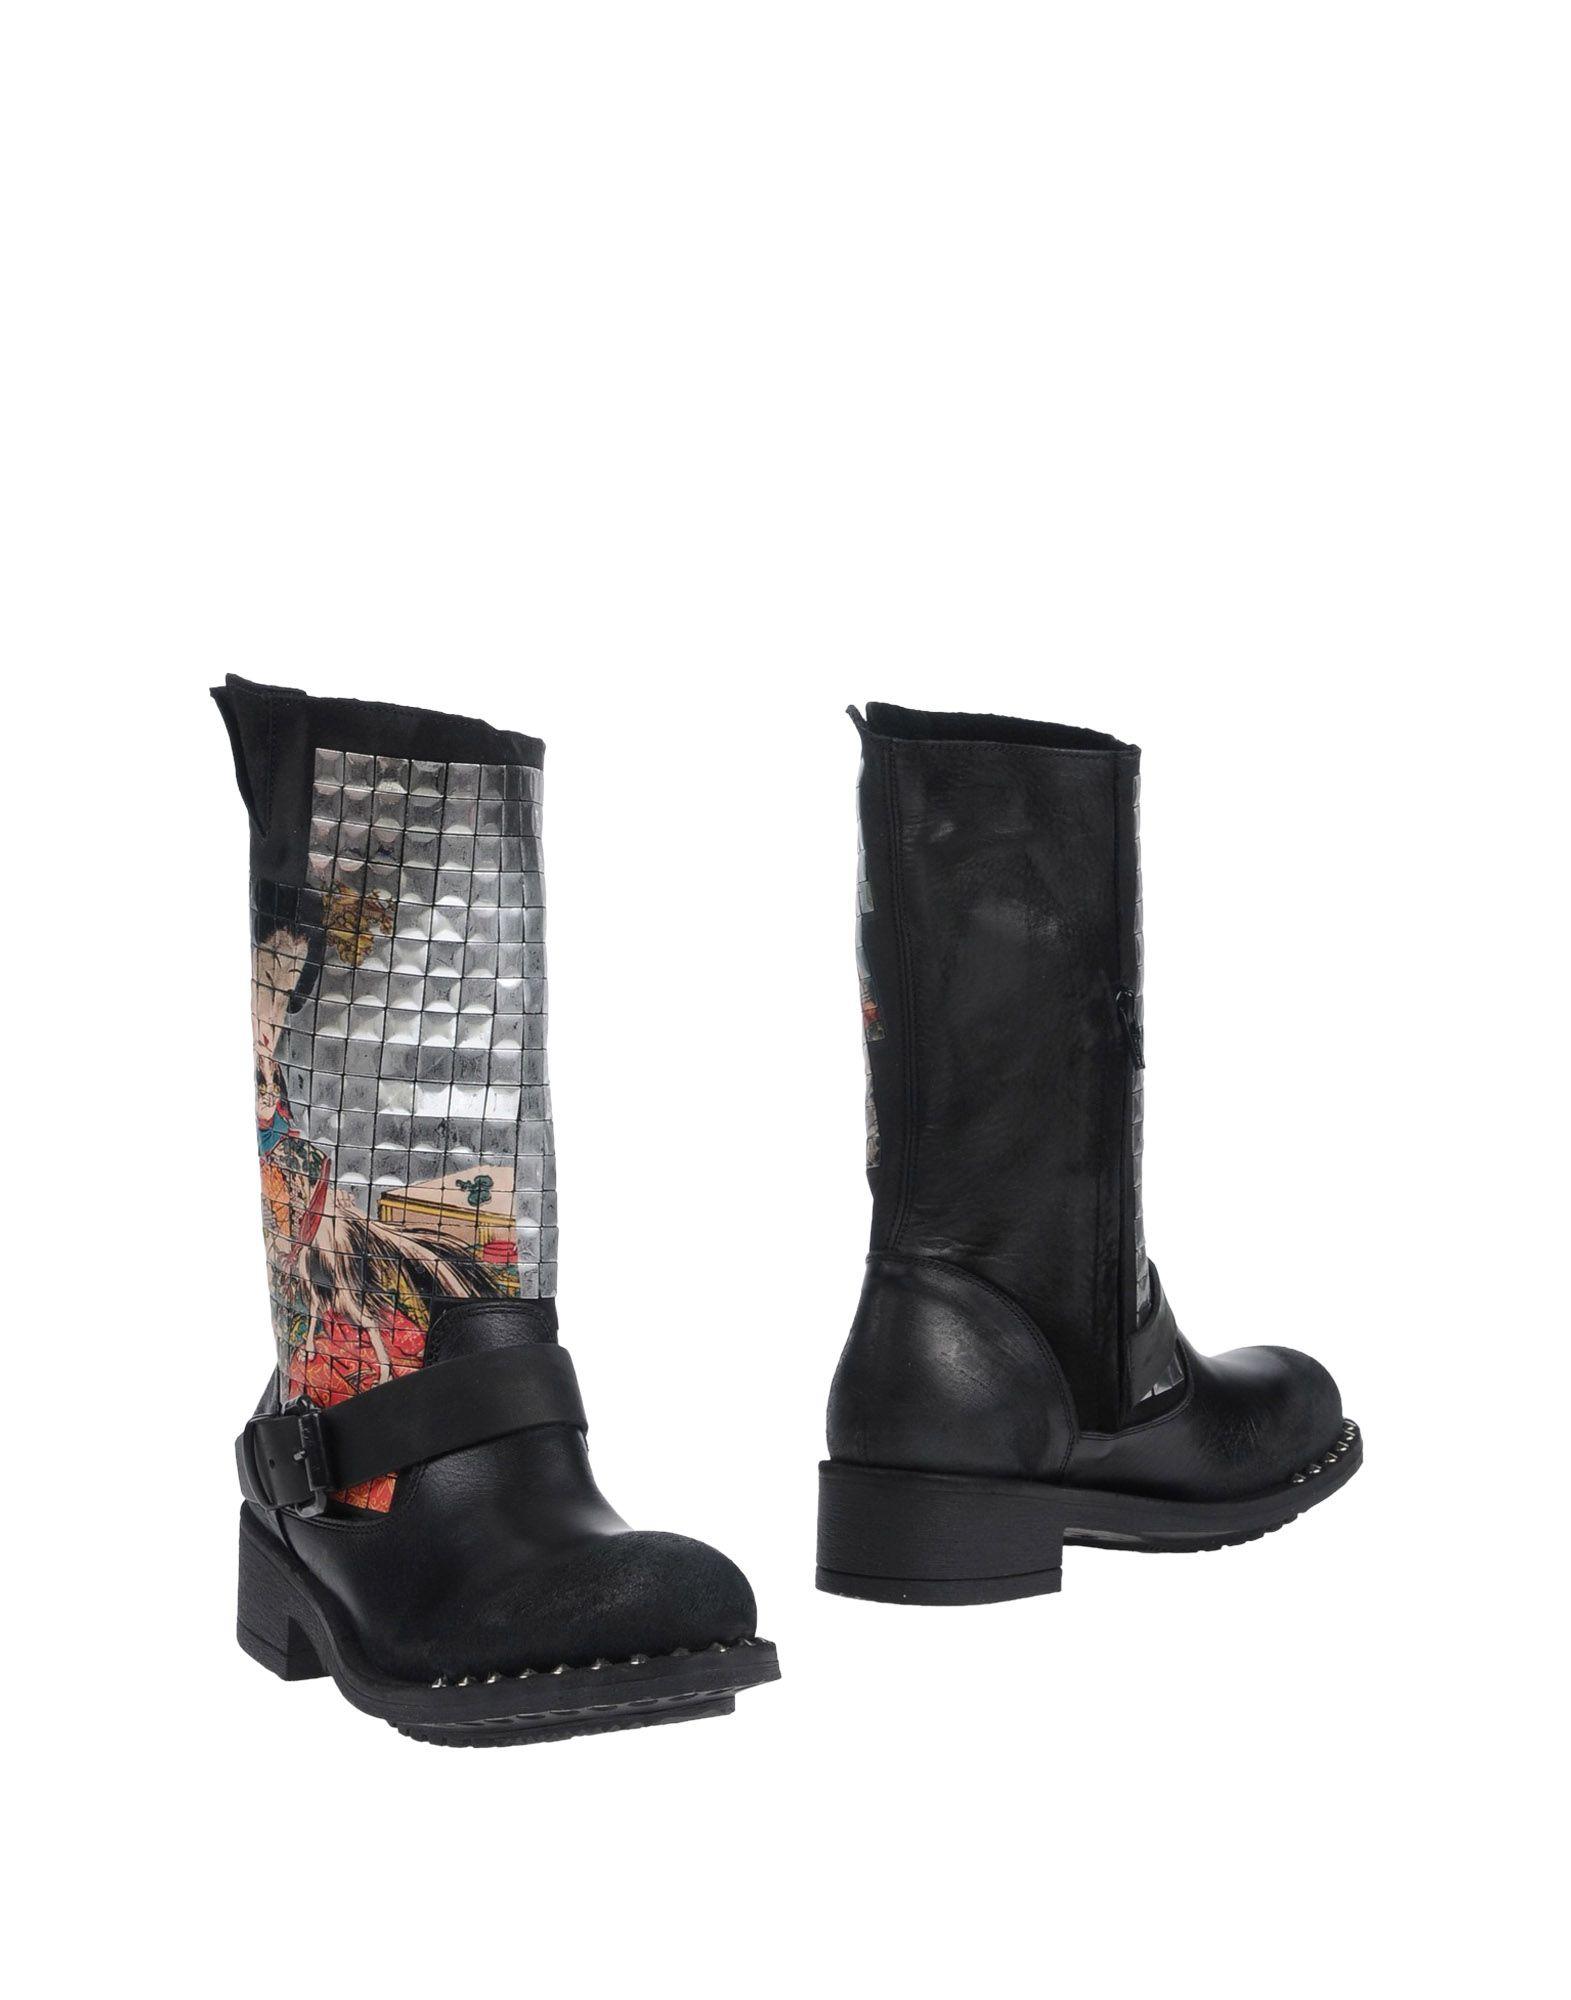 Ovye' Qualität By Cristina Lucchi Stiefelette Damen  11456514OK Gute Qualität Ovye' beliebte Schuhe 6e9142